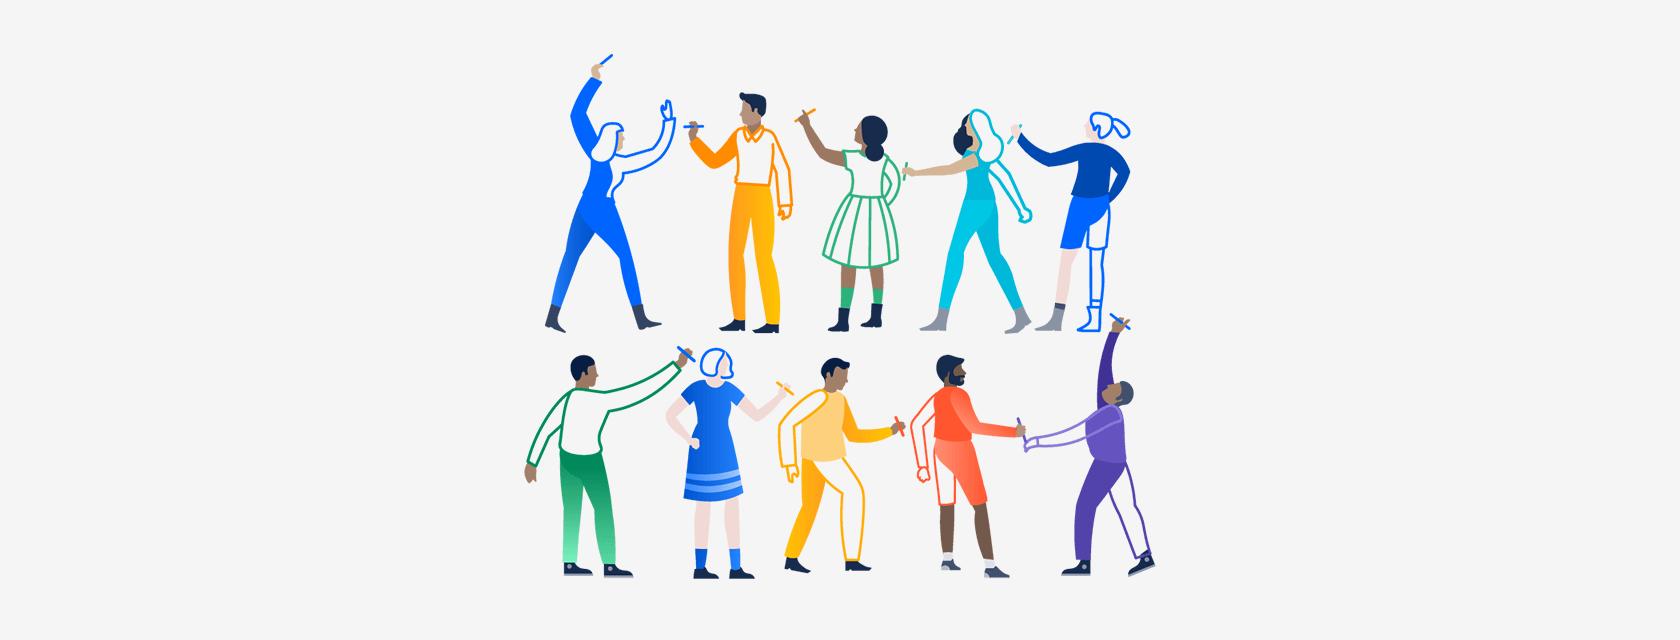 2B 产品的插画规范:来自协同办公产品头部公司 Atlassian